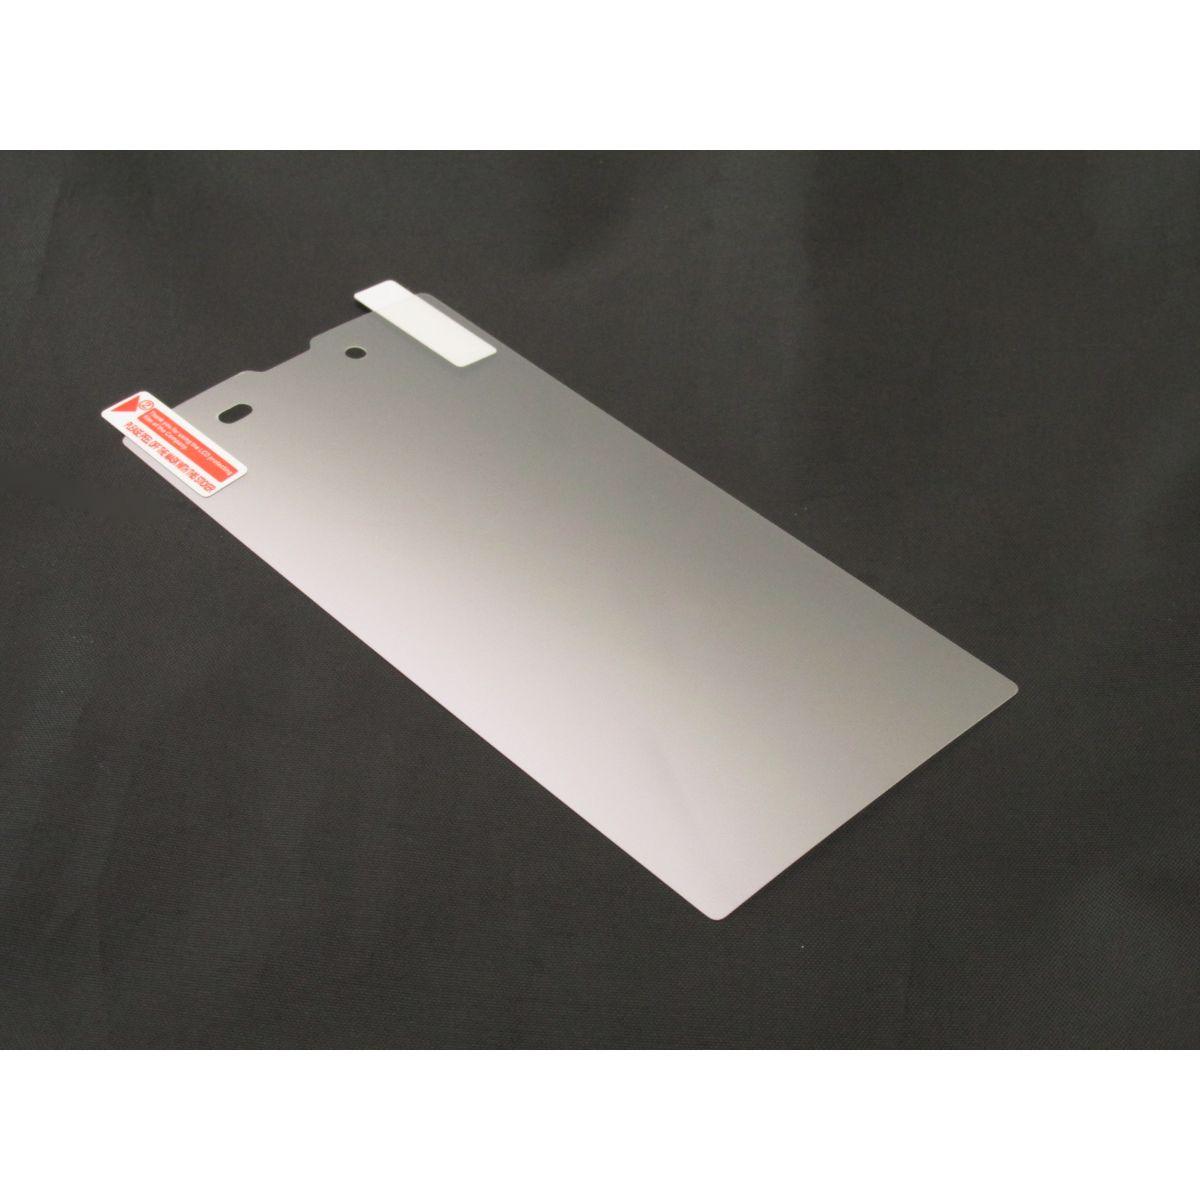 Pelicula Protetora Sony Xperia T3 D5102 D5103 D5106 Fosca